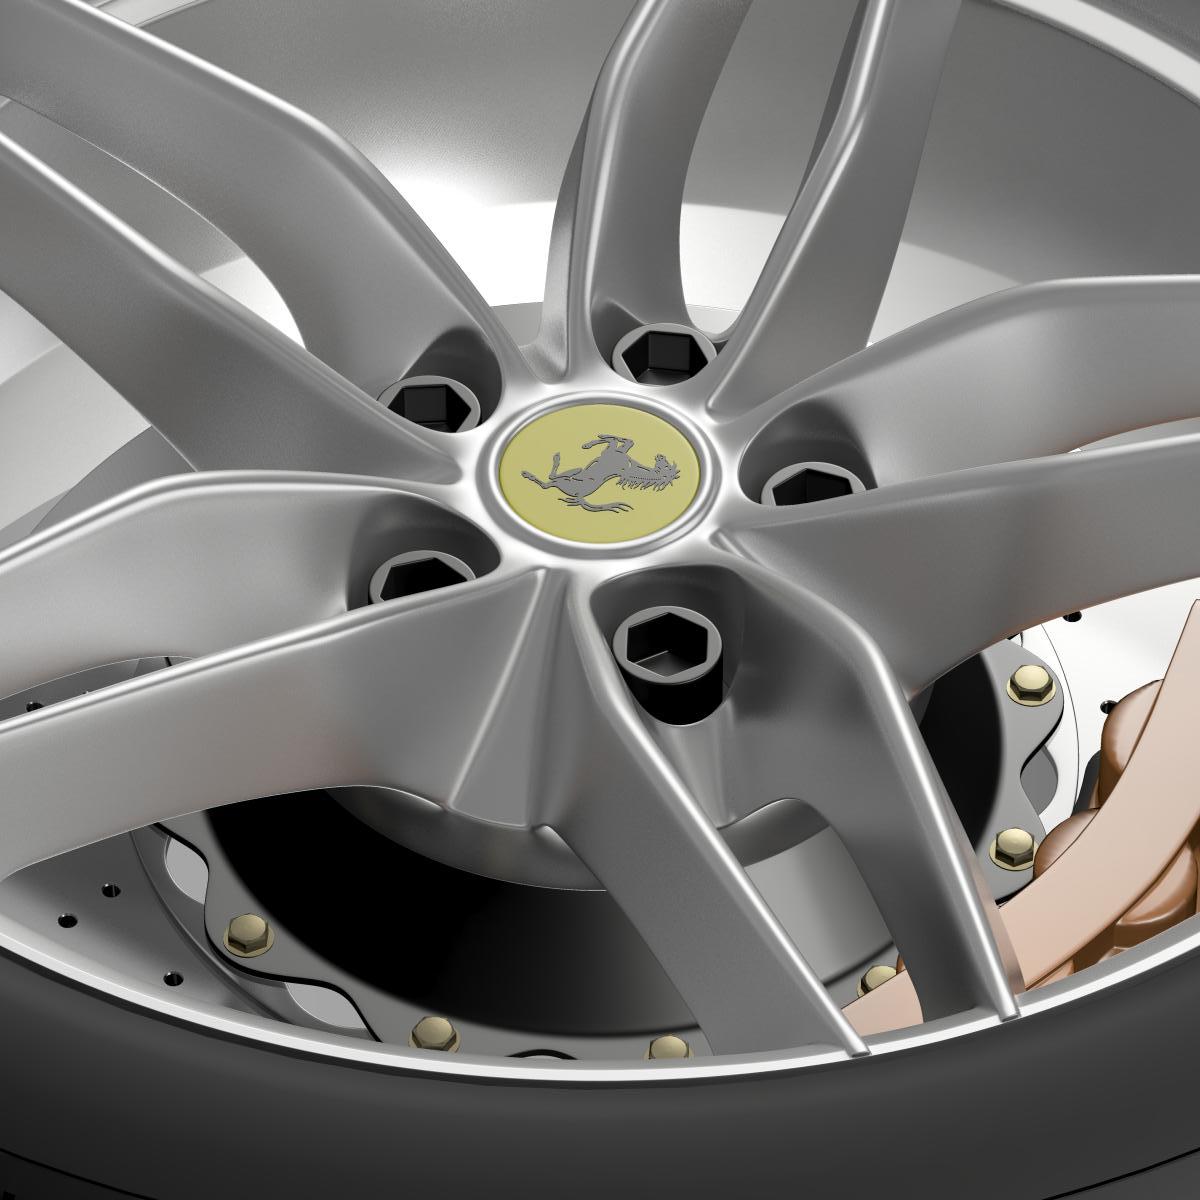 ferrari 488 gtb 2015 wheel 3d model 3ds max fbx c4d lwo ma mb hrc xsi obj 210685